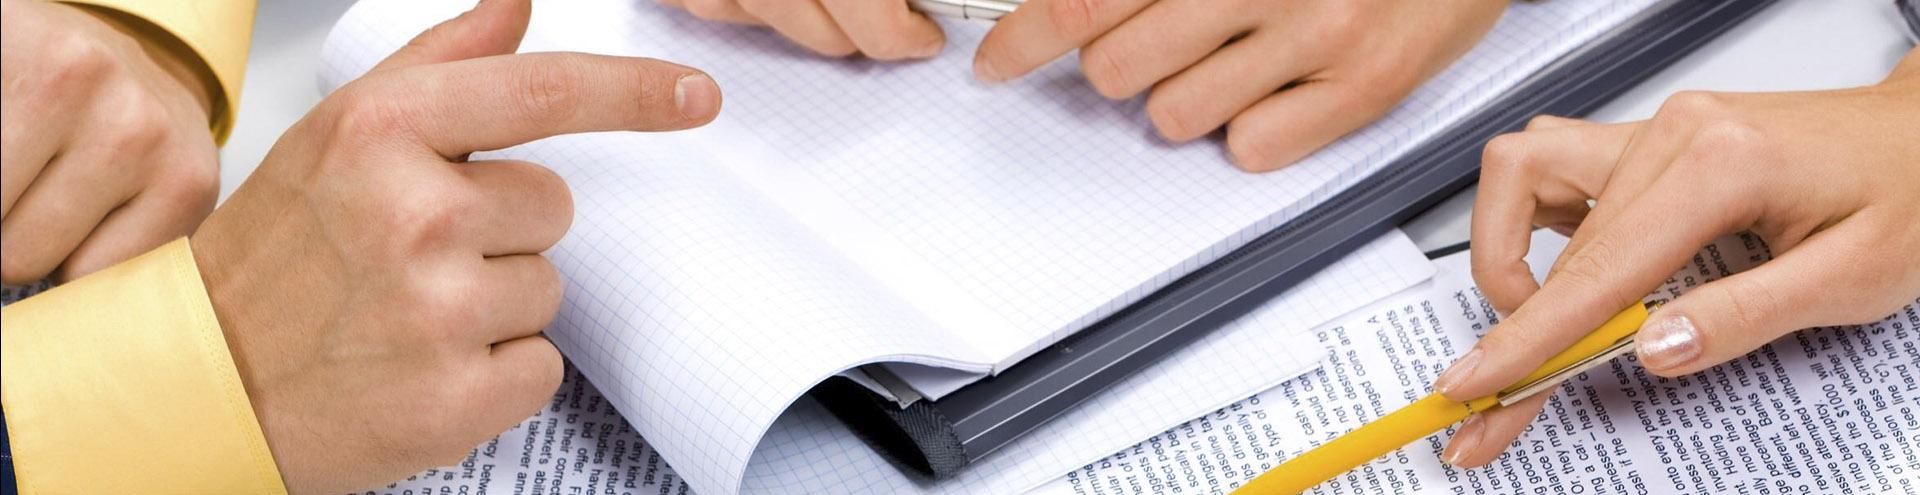 административное дело - рассмотрение административного дела в Пензе